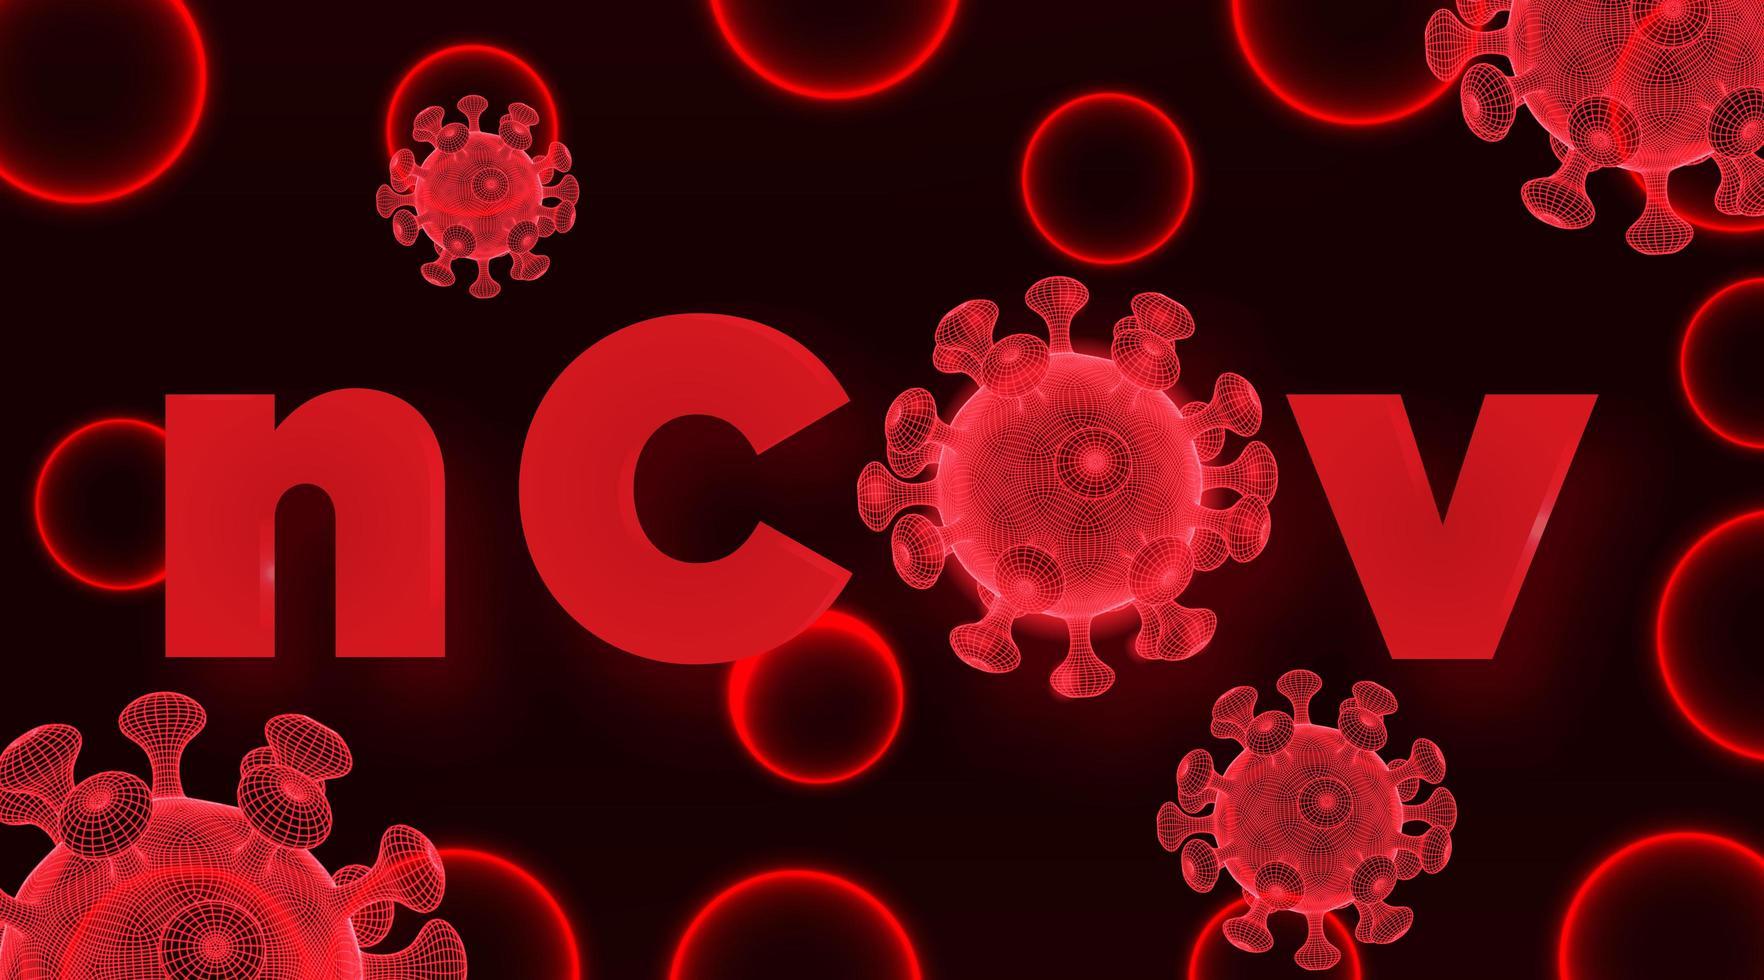 röda wireframe-virusceller för 2019-ncov vektor